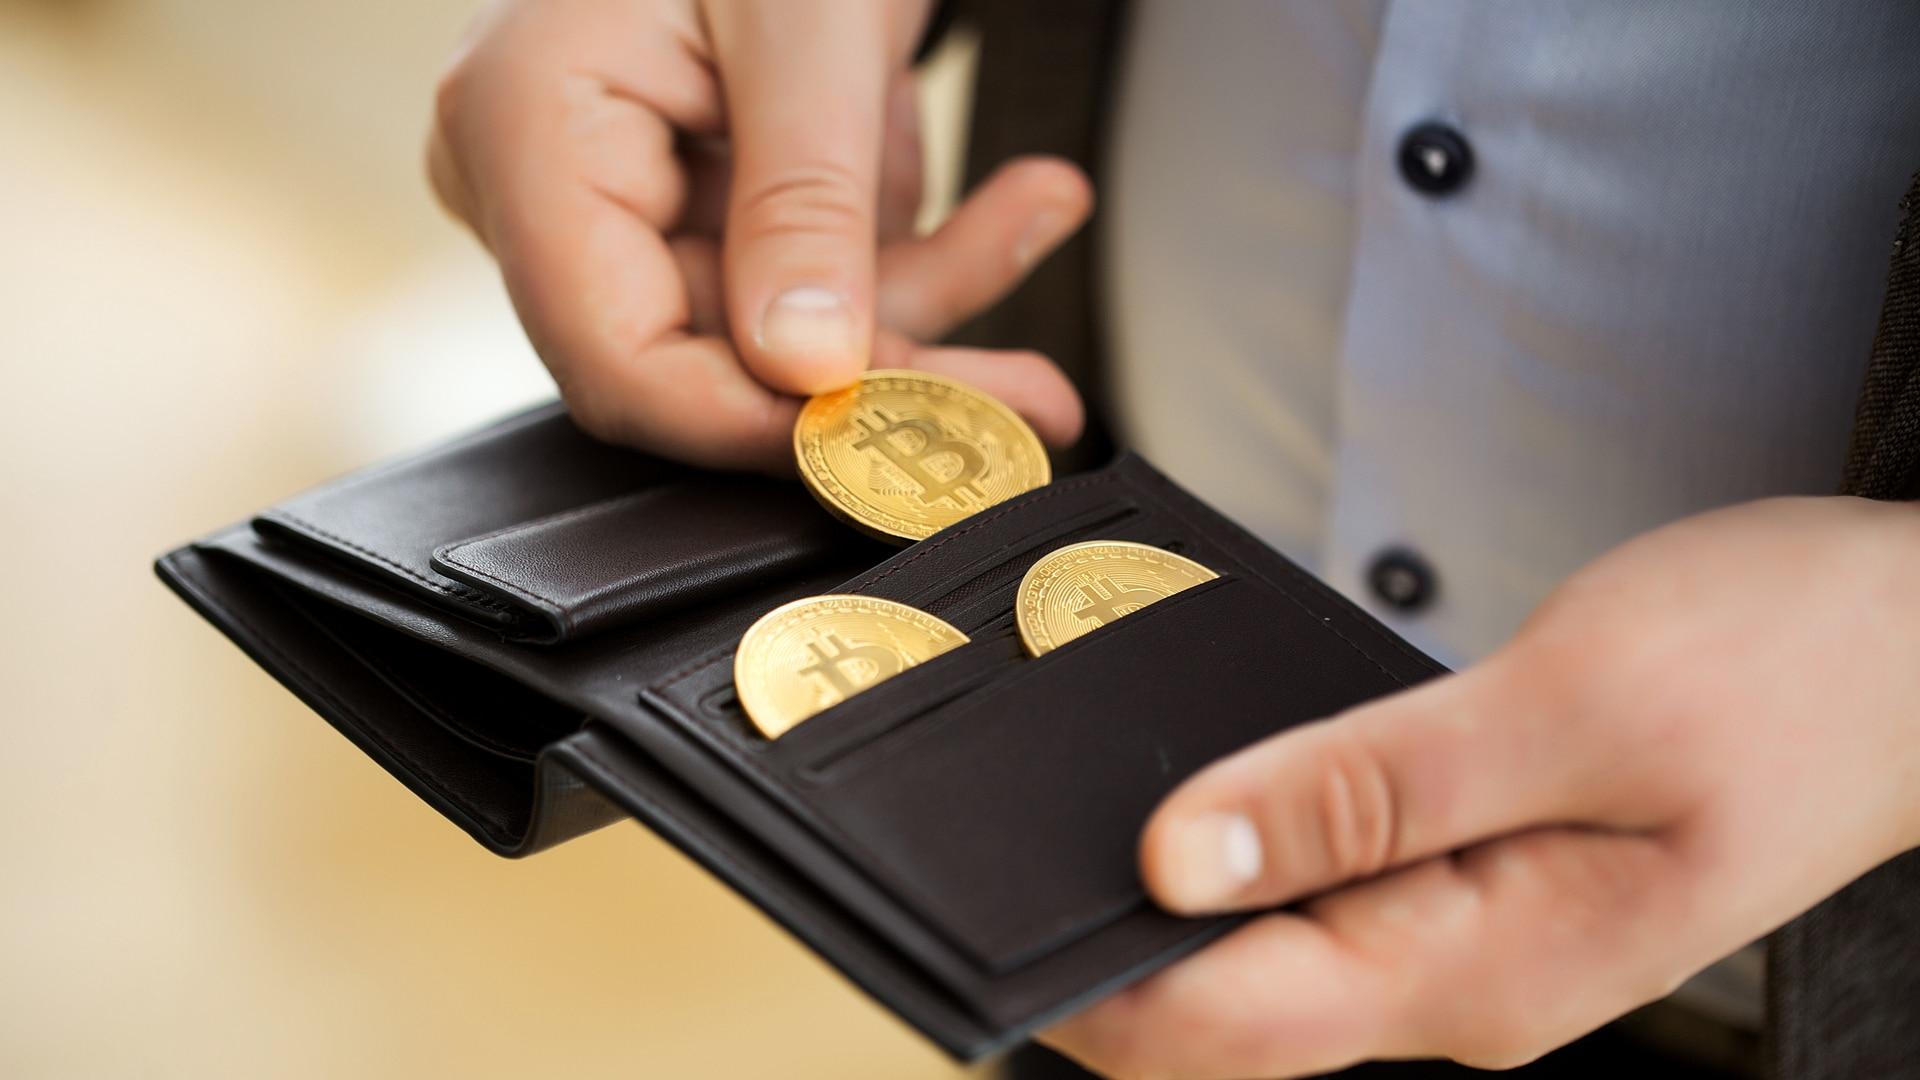 Regulação fechando o cerco contra corretoras faz investidores sacarem US$ 2,5 bi em bitcoin nas últimas 24 horas